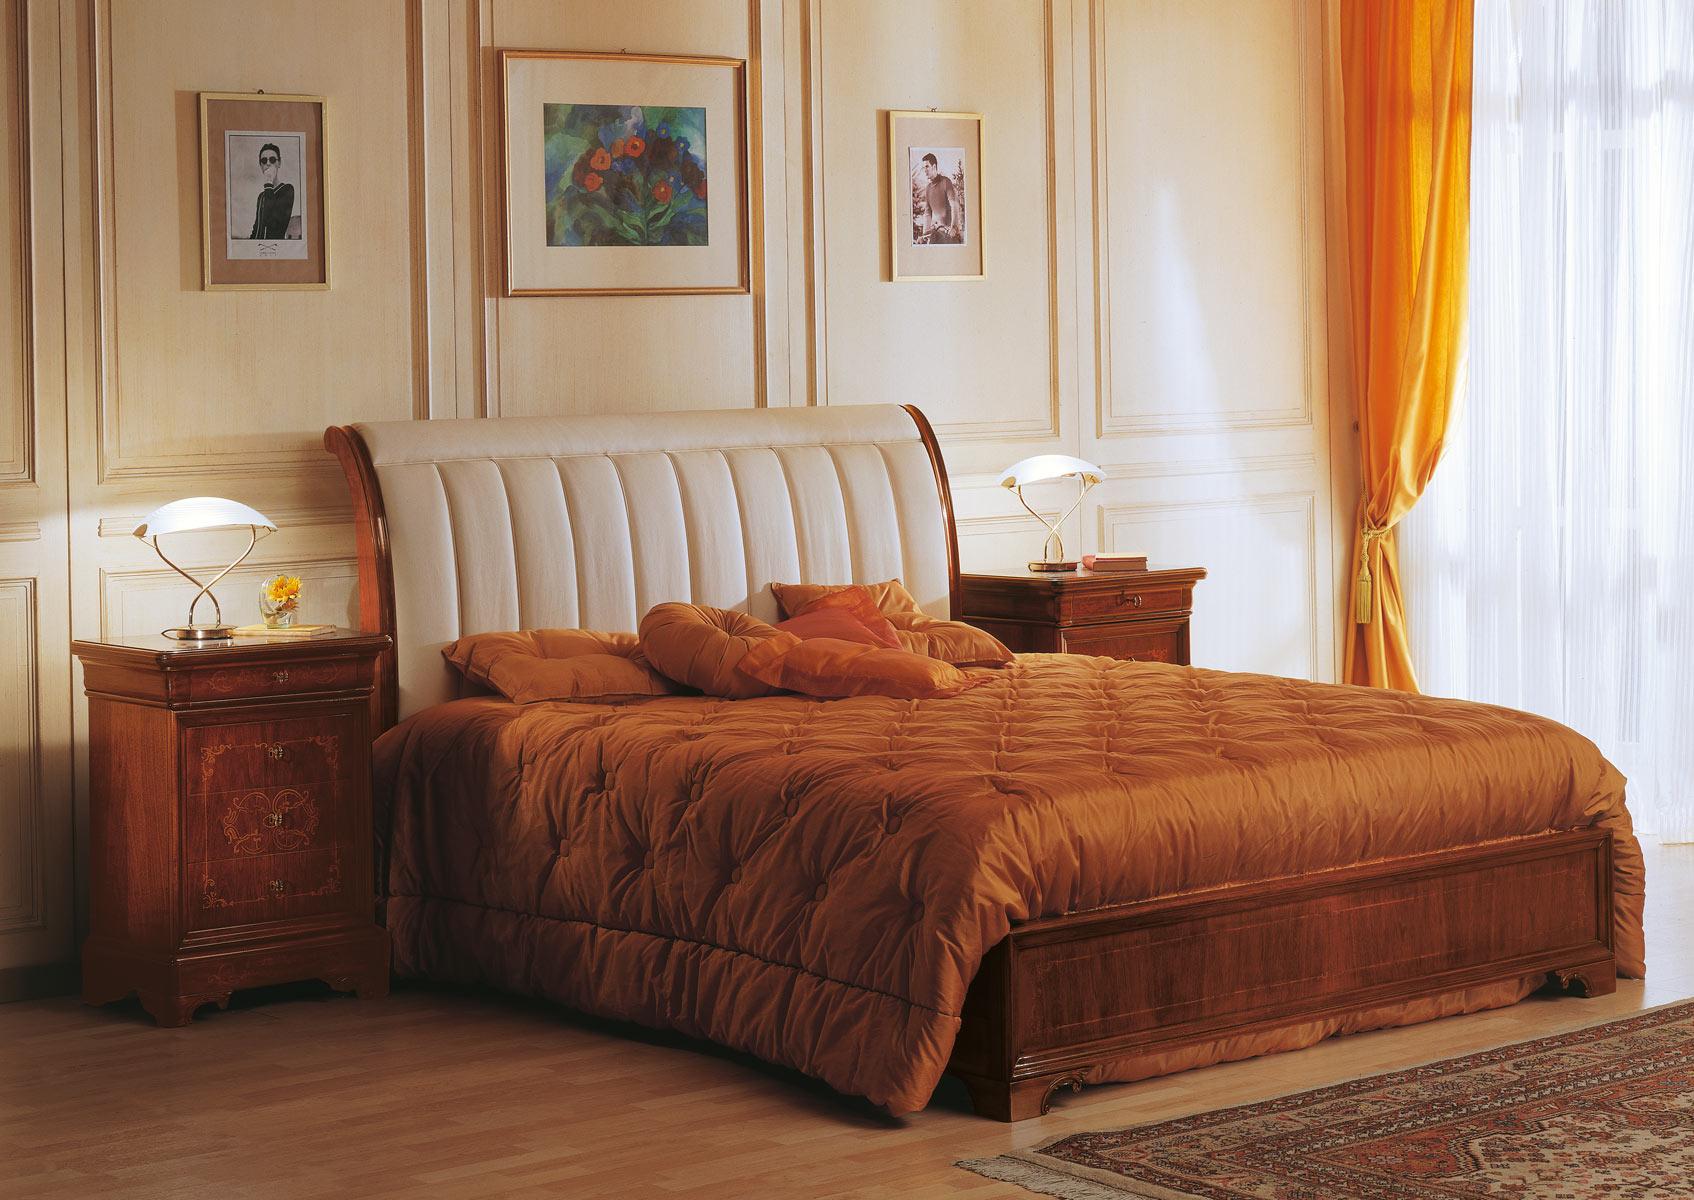 Camera da letto 800 francese, letto con testata in pelle  Vimercati ...